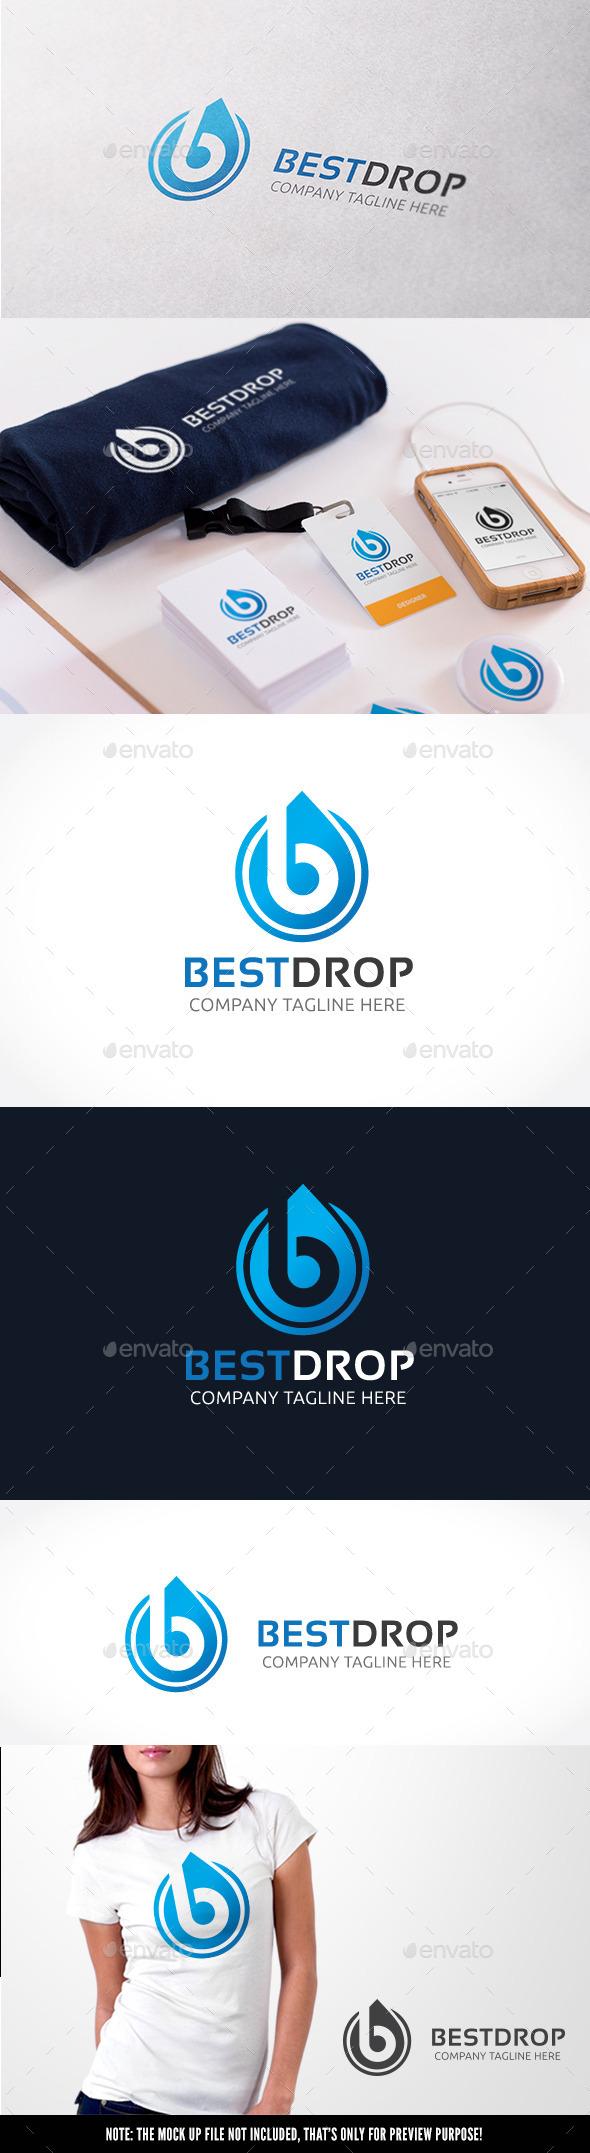 Best Drop